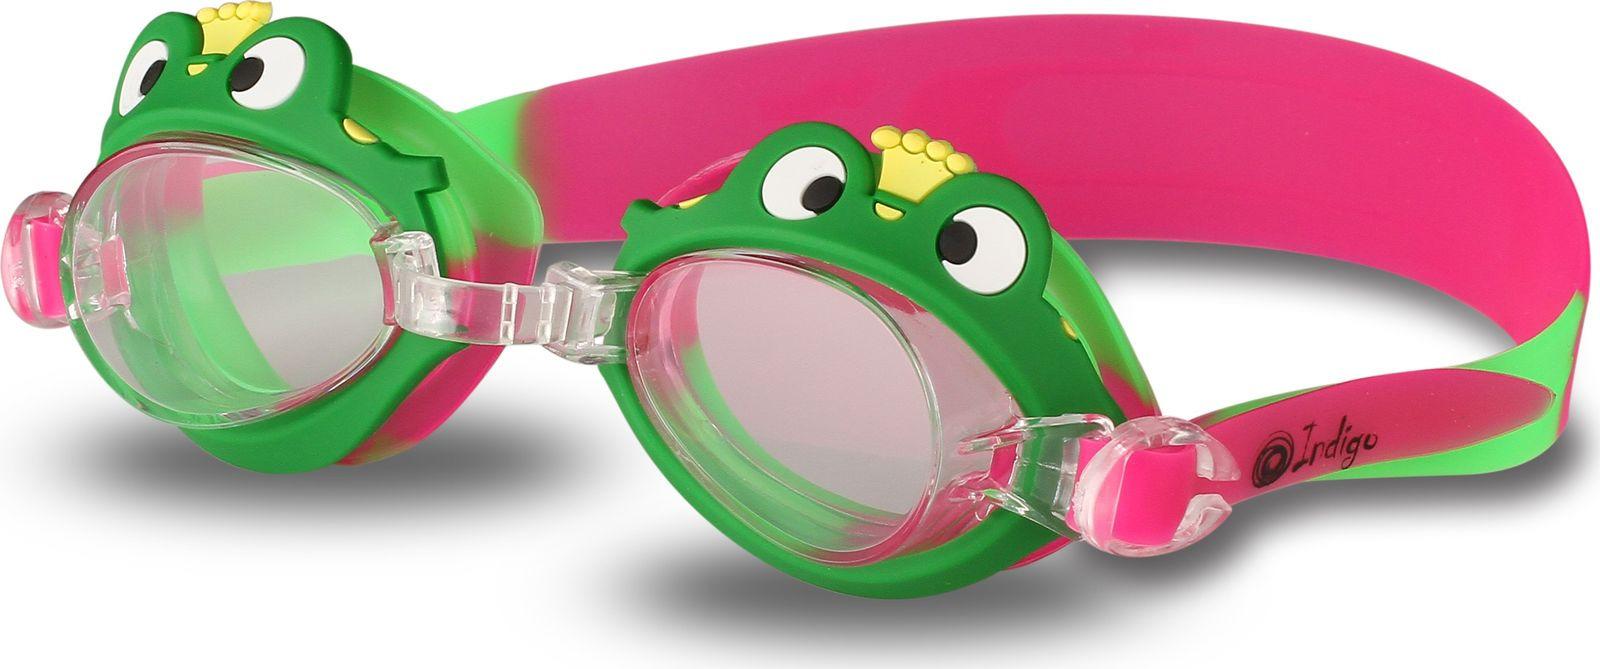 Очки для плавания детские Indigo Лягушка, 1721 G, зеленый, красный